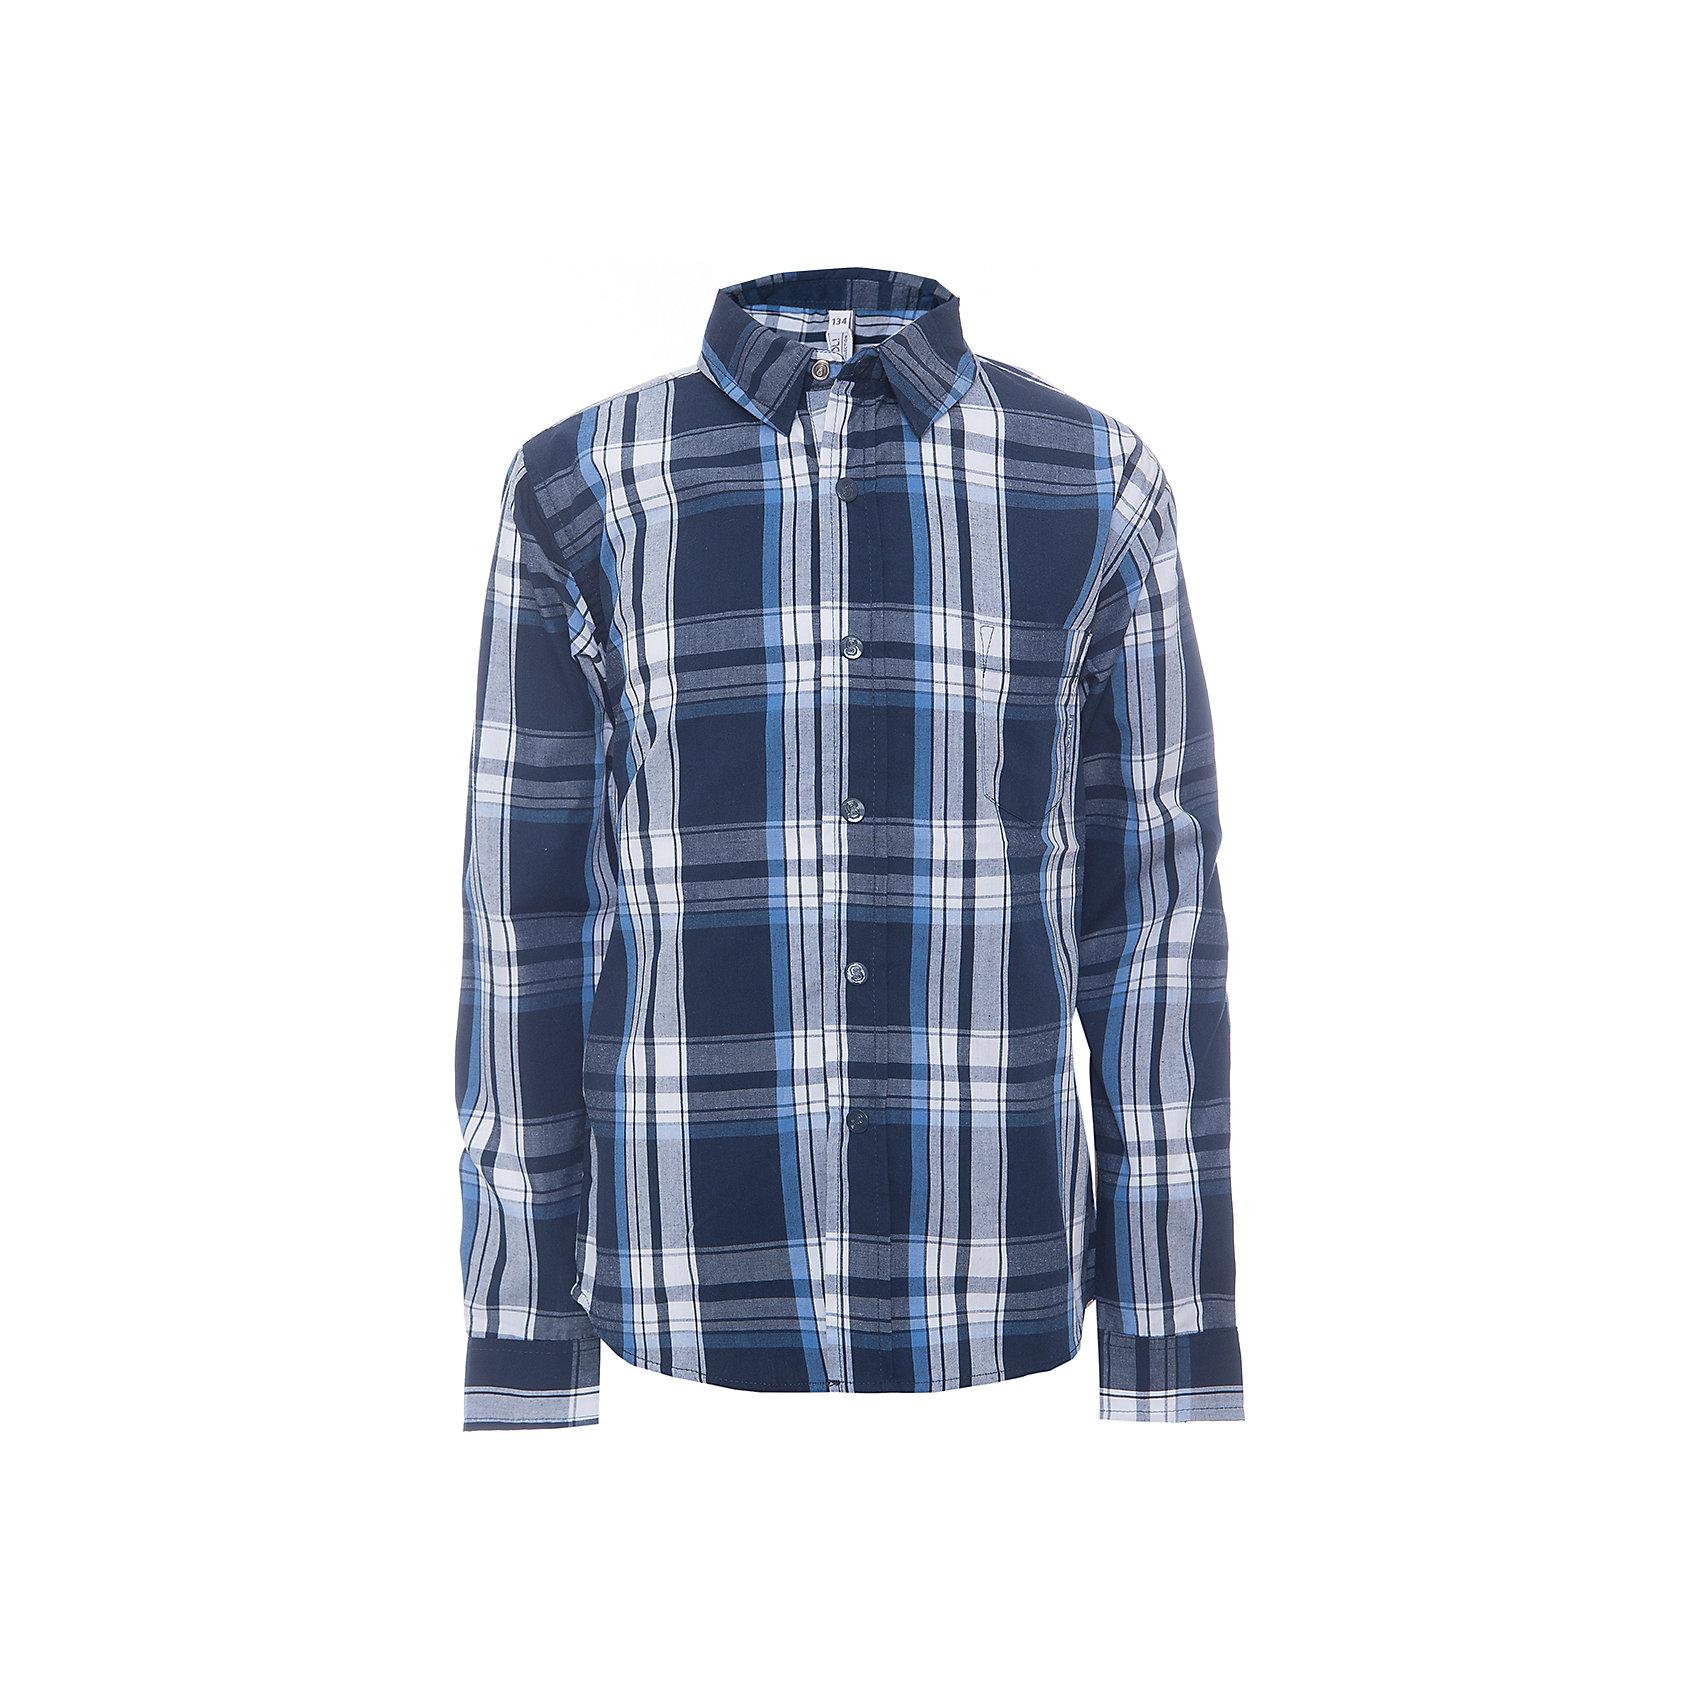 Рубашка для мальчика ScoolРубашка для мальчика от известного бренда Scool. Стильная и удобная рубашка на каждый день, застегивается на синие кнопки, декорированные буквой S. Приятные темно-синие тона клетки прекрасно сочетаются с белым цветом и придет по вкусу вашему ребенку.  Рубашка отлично подойдет как к брюкам, так и к джинсам, ее можно носить поверх футболки не застегивая.<br><br>Дополнительная информация:<br><br>- Рукав: длинный<br>- Силуэт: прямой<br>Состав: 60% хлопок, 40% полиэстер<br><br>Рубашку для мальчиков Scool можно купить в нашем интернет-магазине.<br><br>Подробнее:<br>• Для детей в возрасте: от 9 до 12 лет<br>• Номер товара: 4911367<br>Страна производитель: Китай<br><br>Ширина мм: 174<br>Глубина мм: 10<br>Высота мм: 169<br>Вес г: 157<br>Цвет: разноцветный<br>Возраст от месяцев: 120<br>Возраст до месяцев: 132<br>Пол: Мужской<br>Возраст: Детский<br>Размер: 146,152,140,164,158,134<br>SKU: 4911366